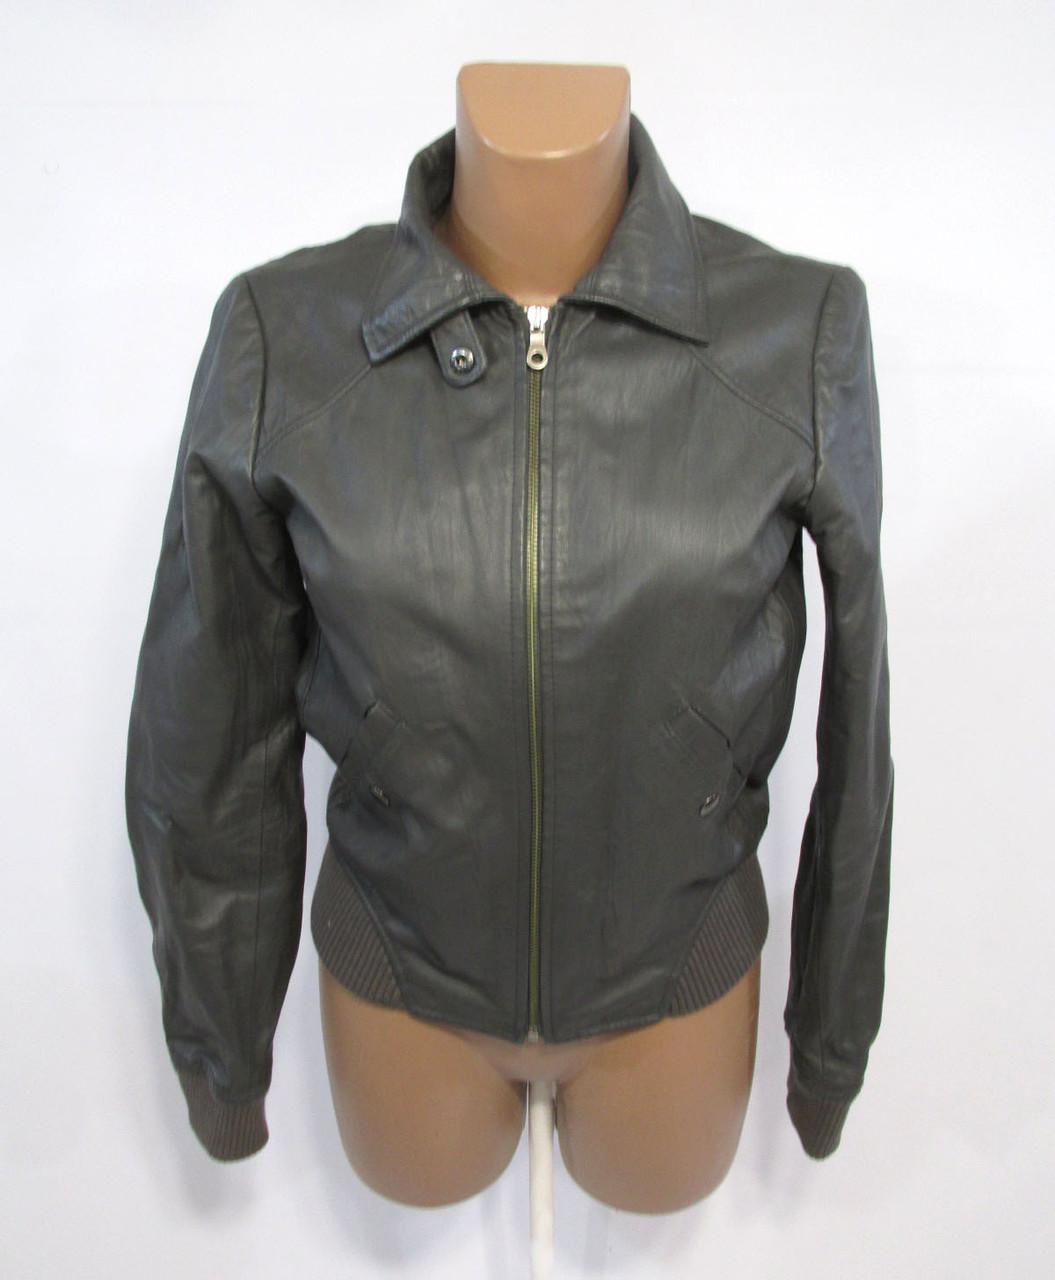 Куртка кожаная H&M, серая, 36 (S), Качественная, Отл сост!